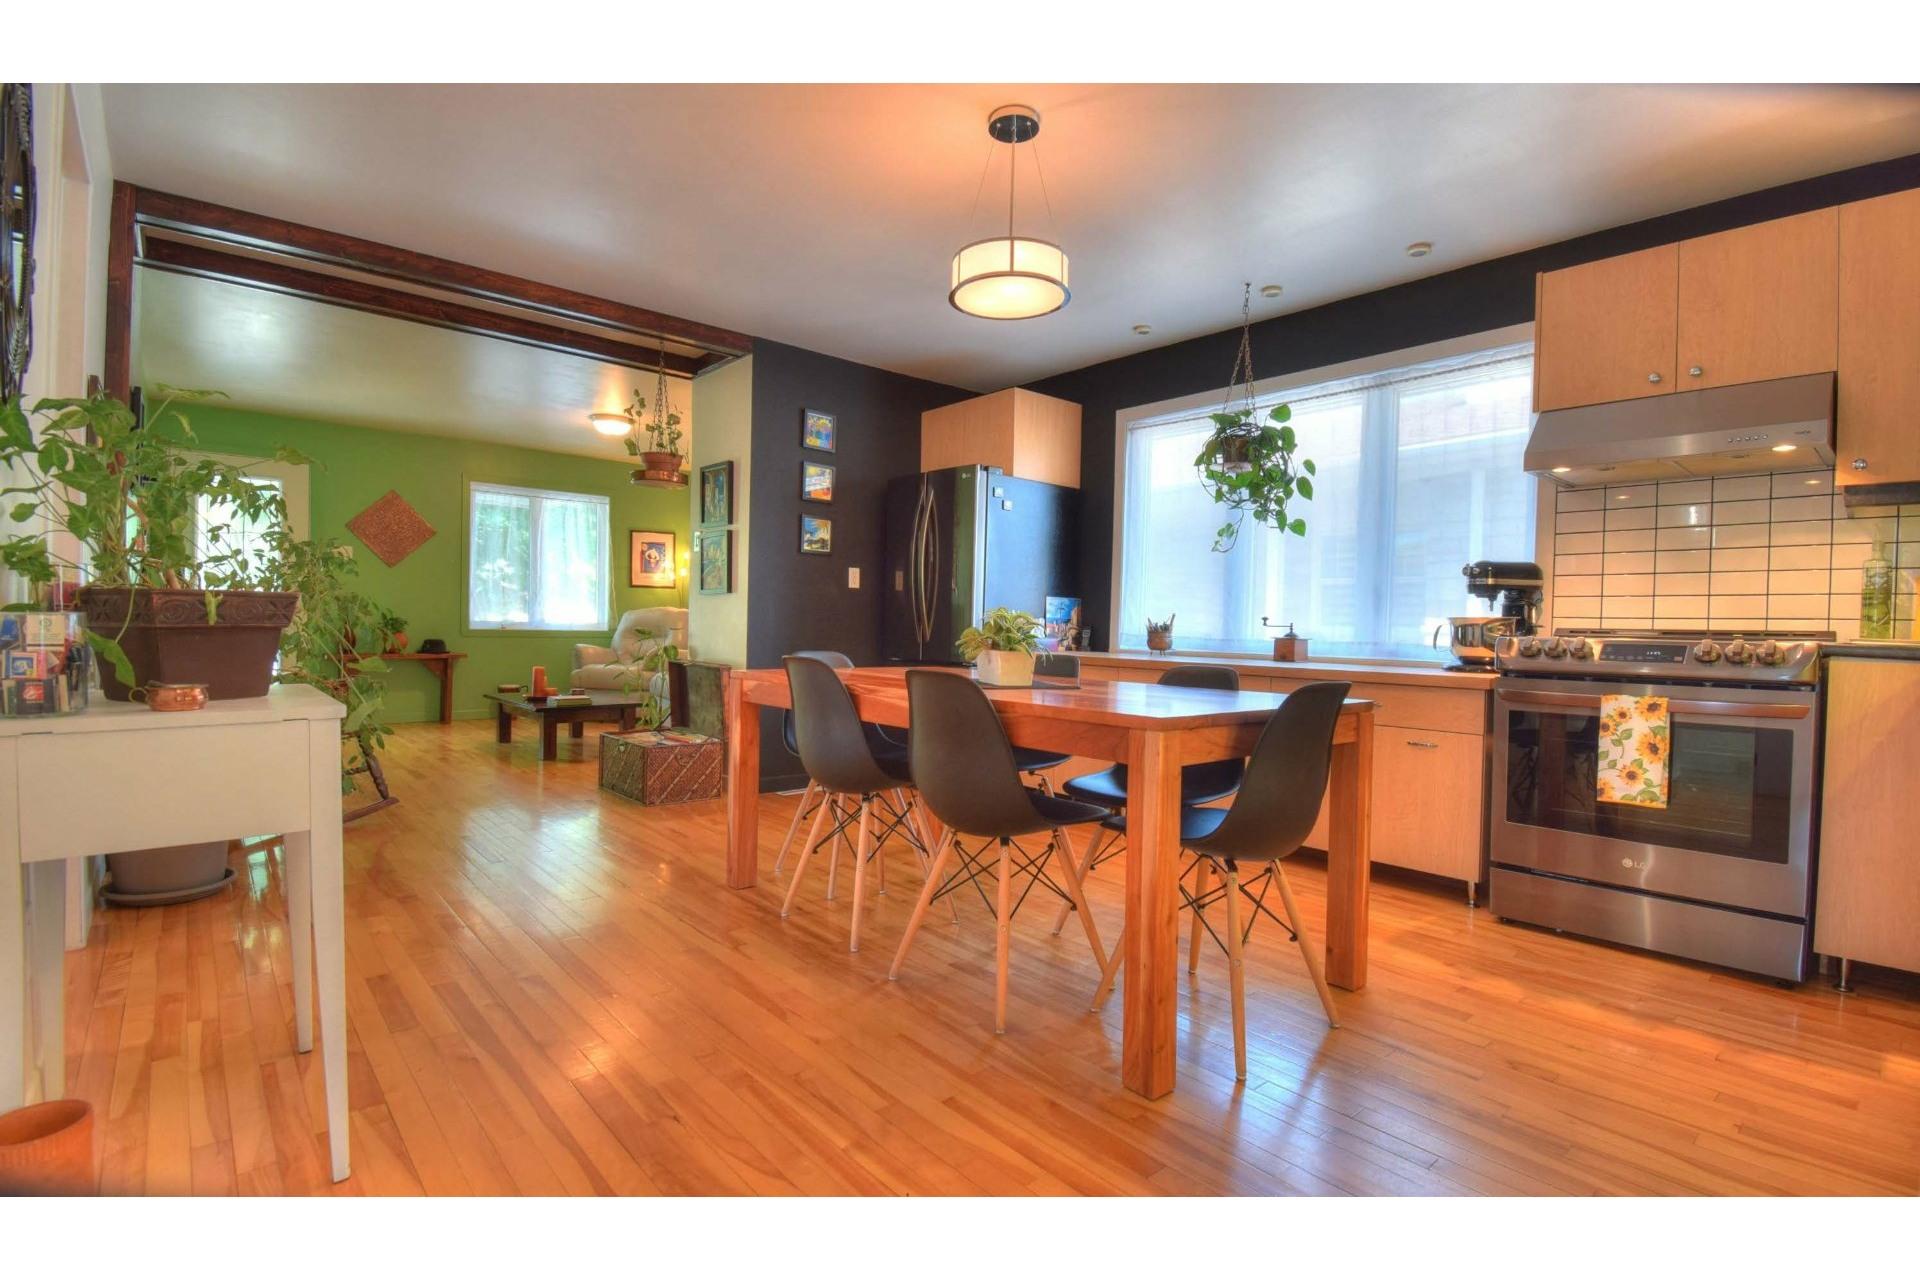 image 10 - House For sale Trois-Rivières - 9 rooms